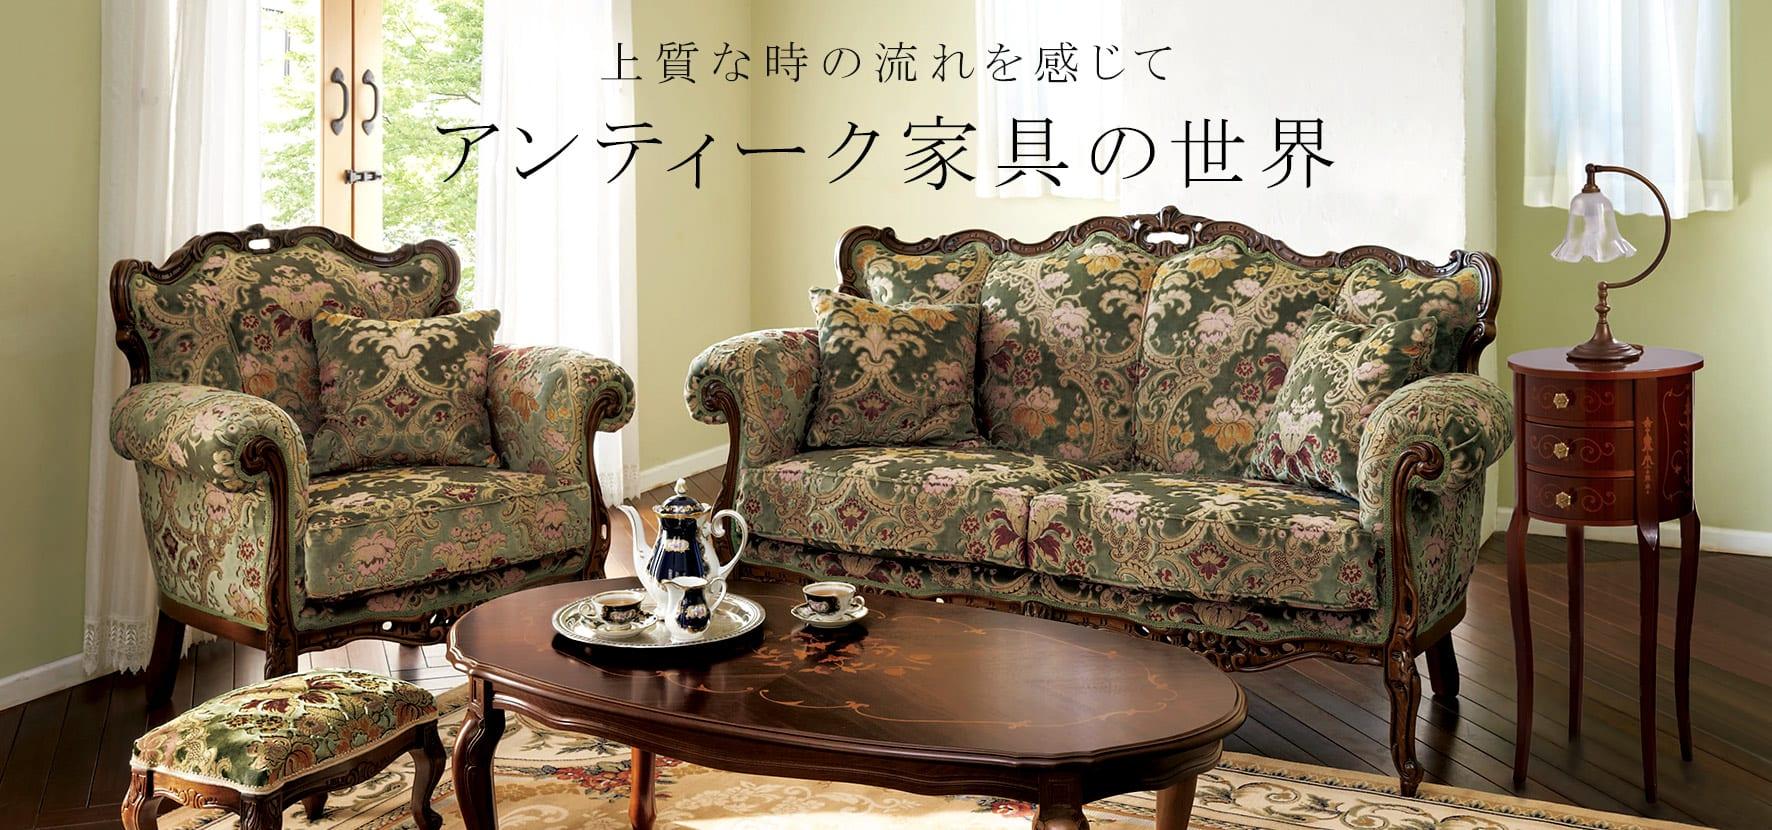 アンティーク家具の世界